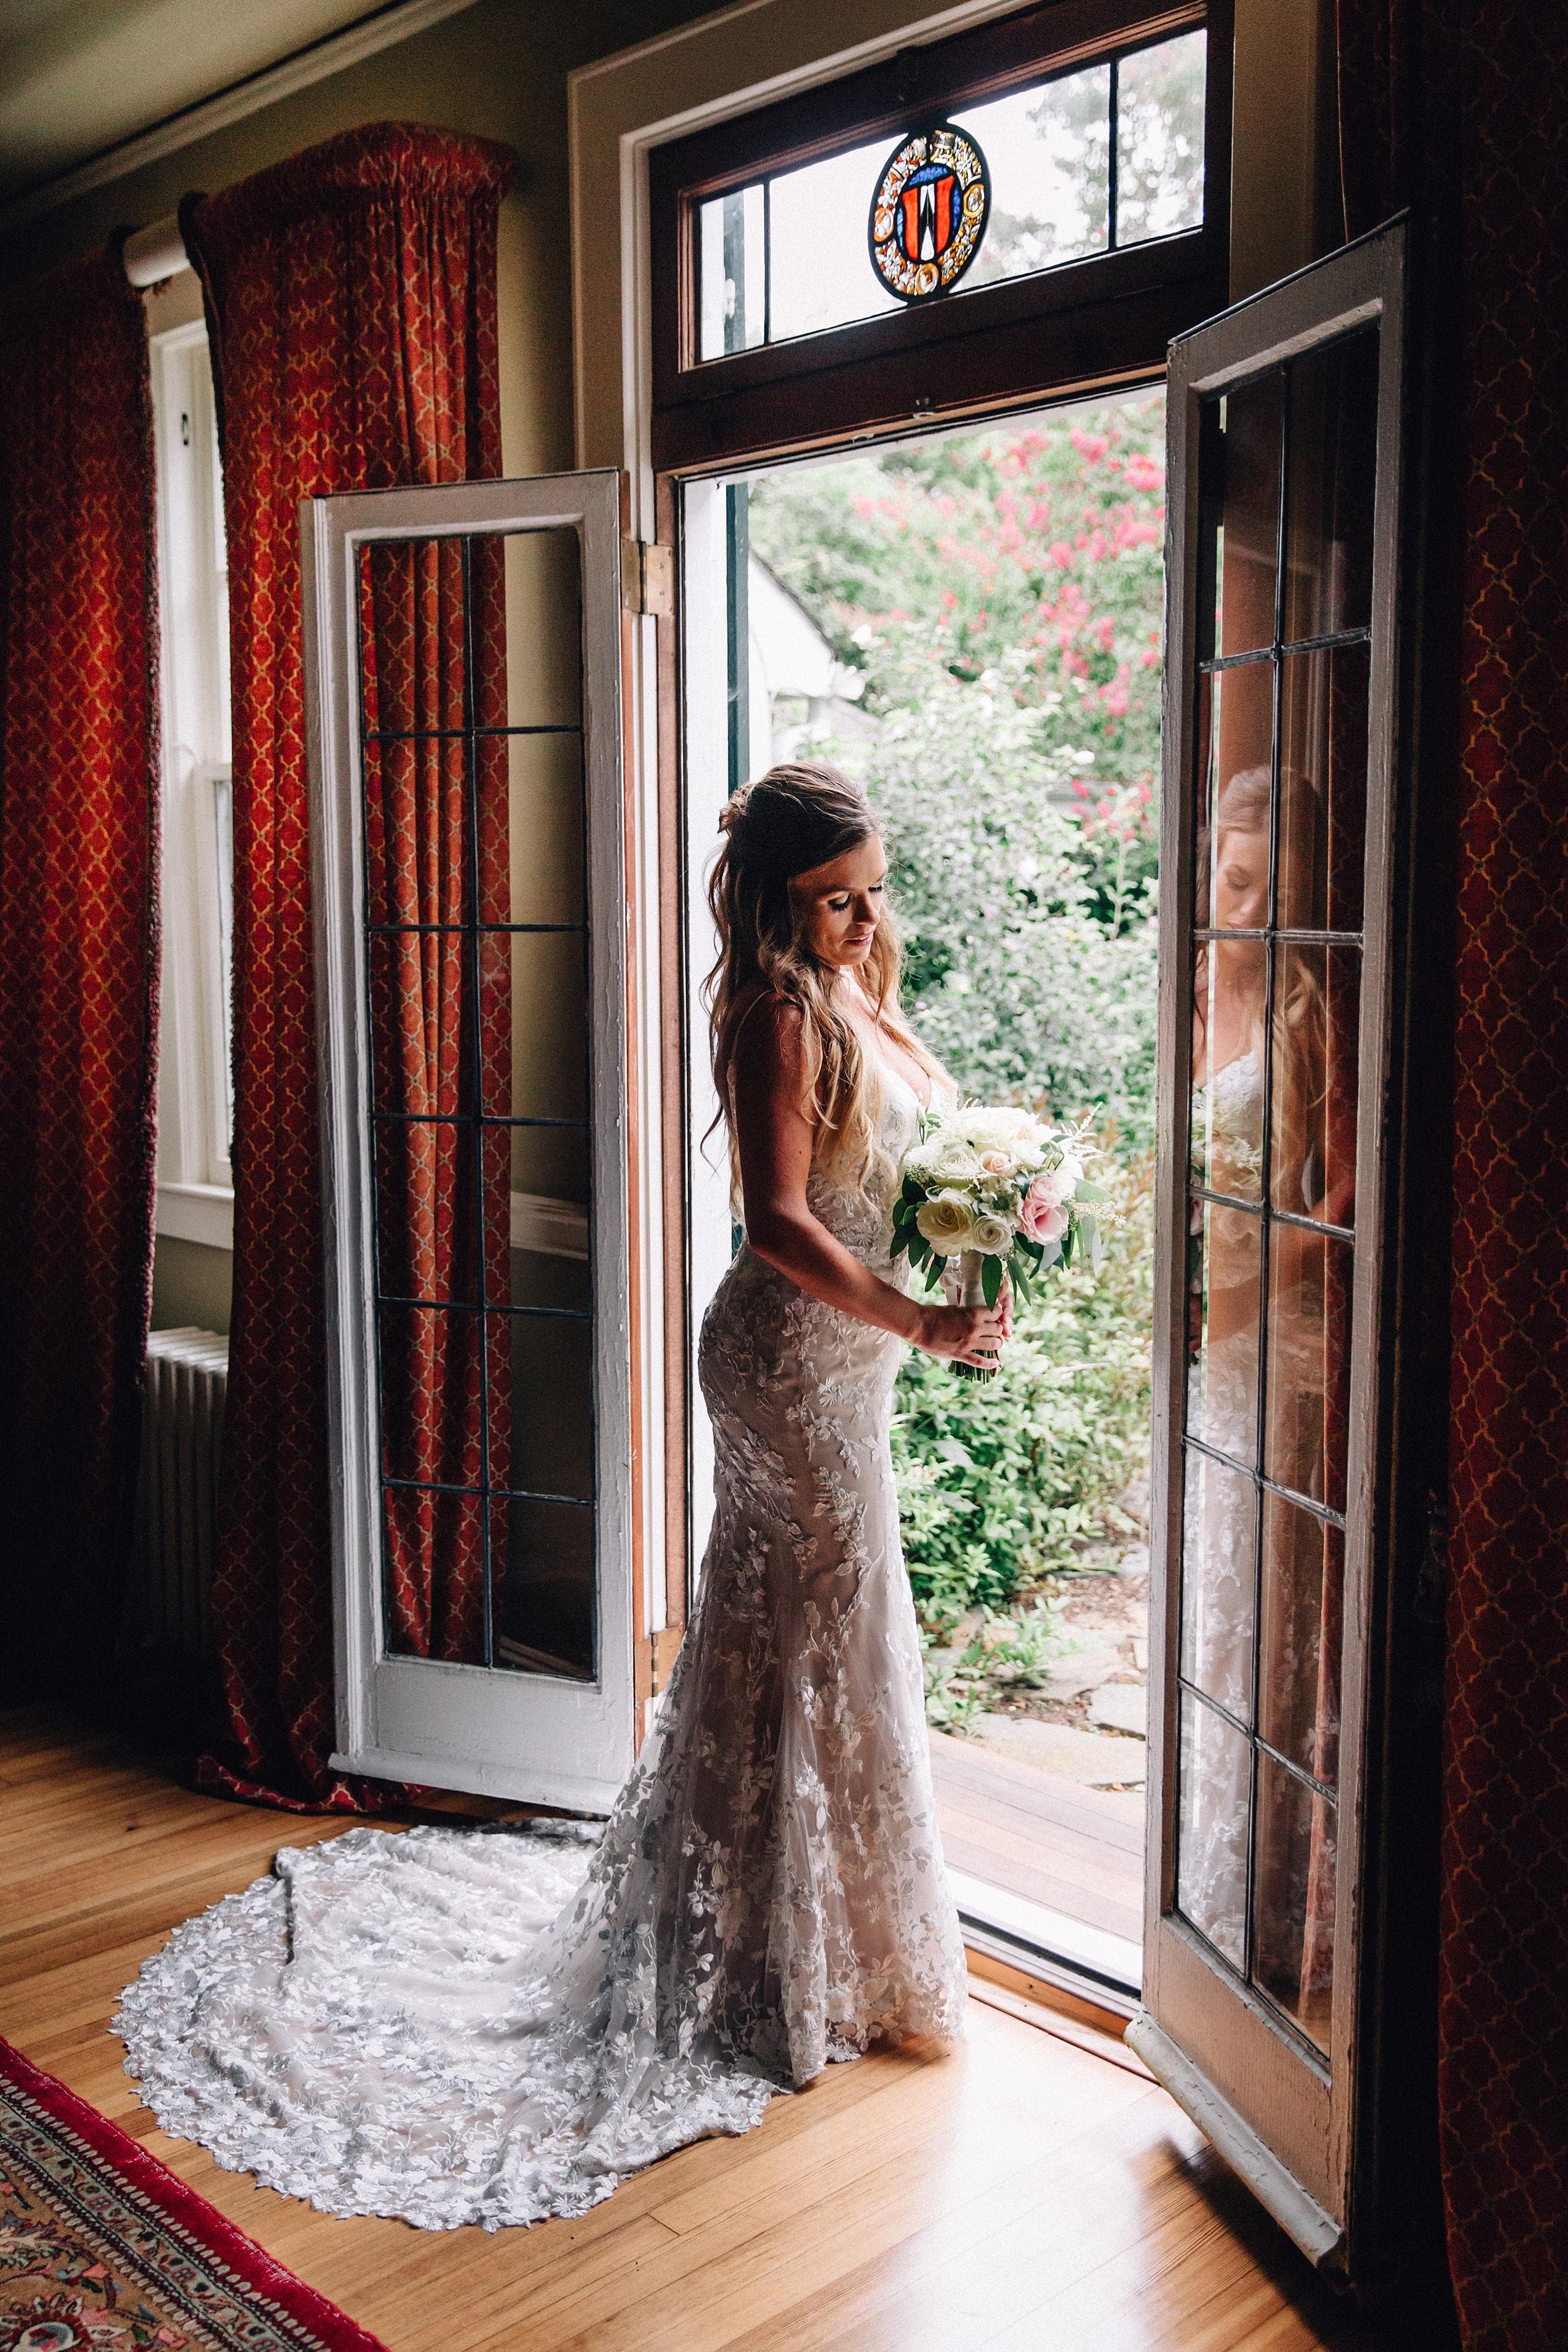 jersey-outdoor-ceremony-wedding-navasink-monmouth-rumson_0034.jpg